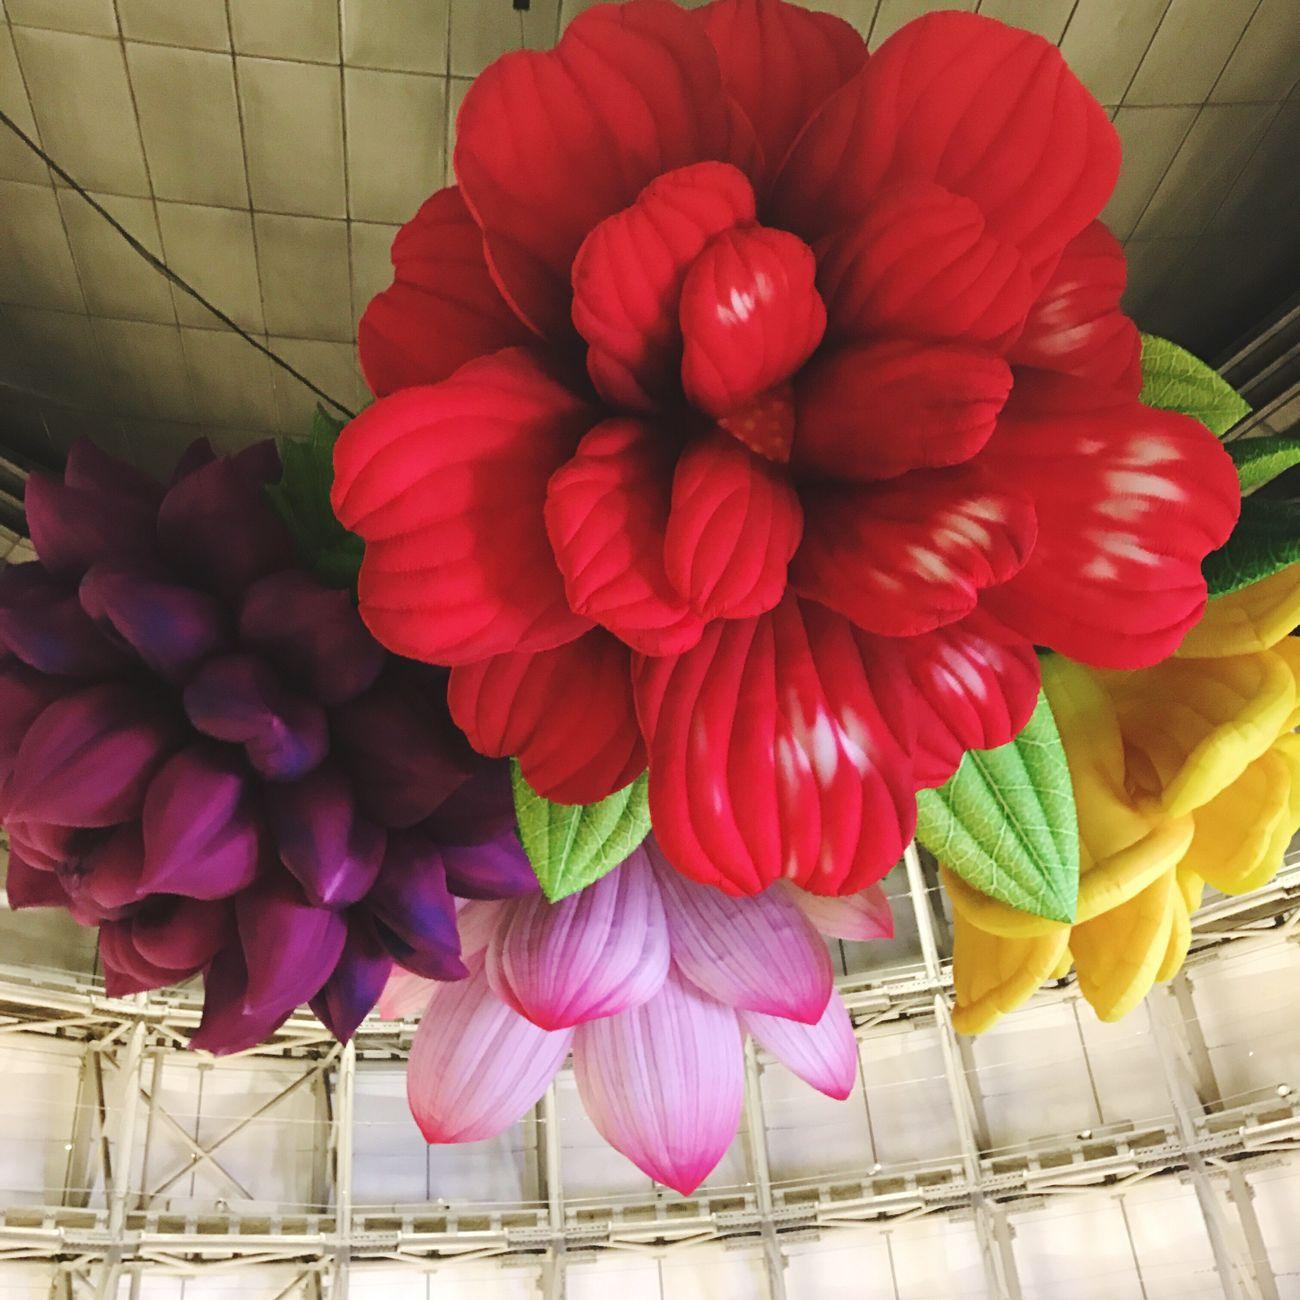 六本木アートナイト Flower Chandelier Tokyo Japan